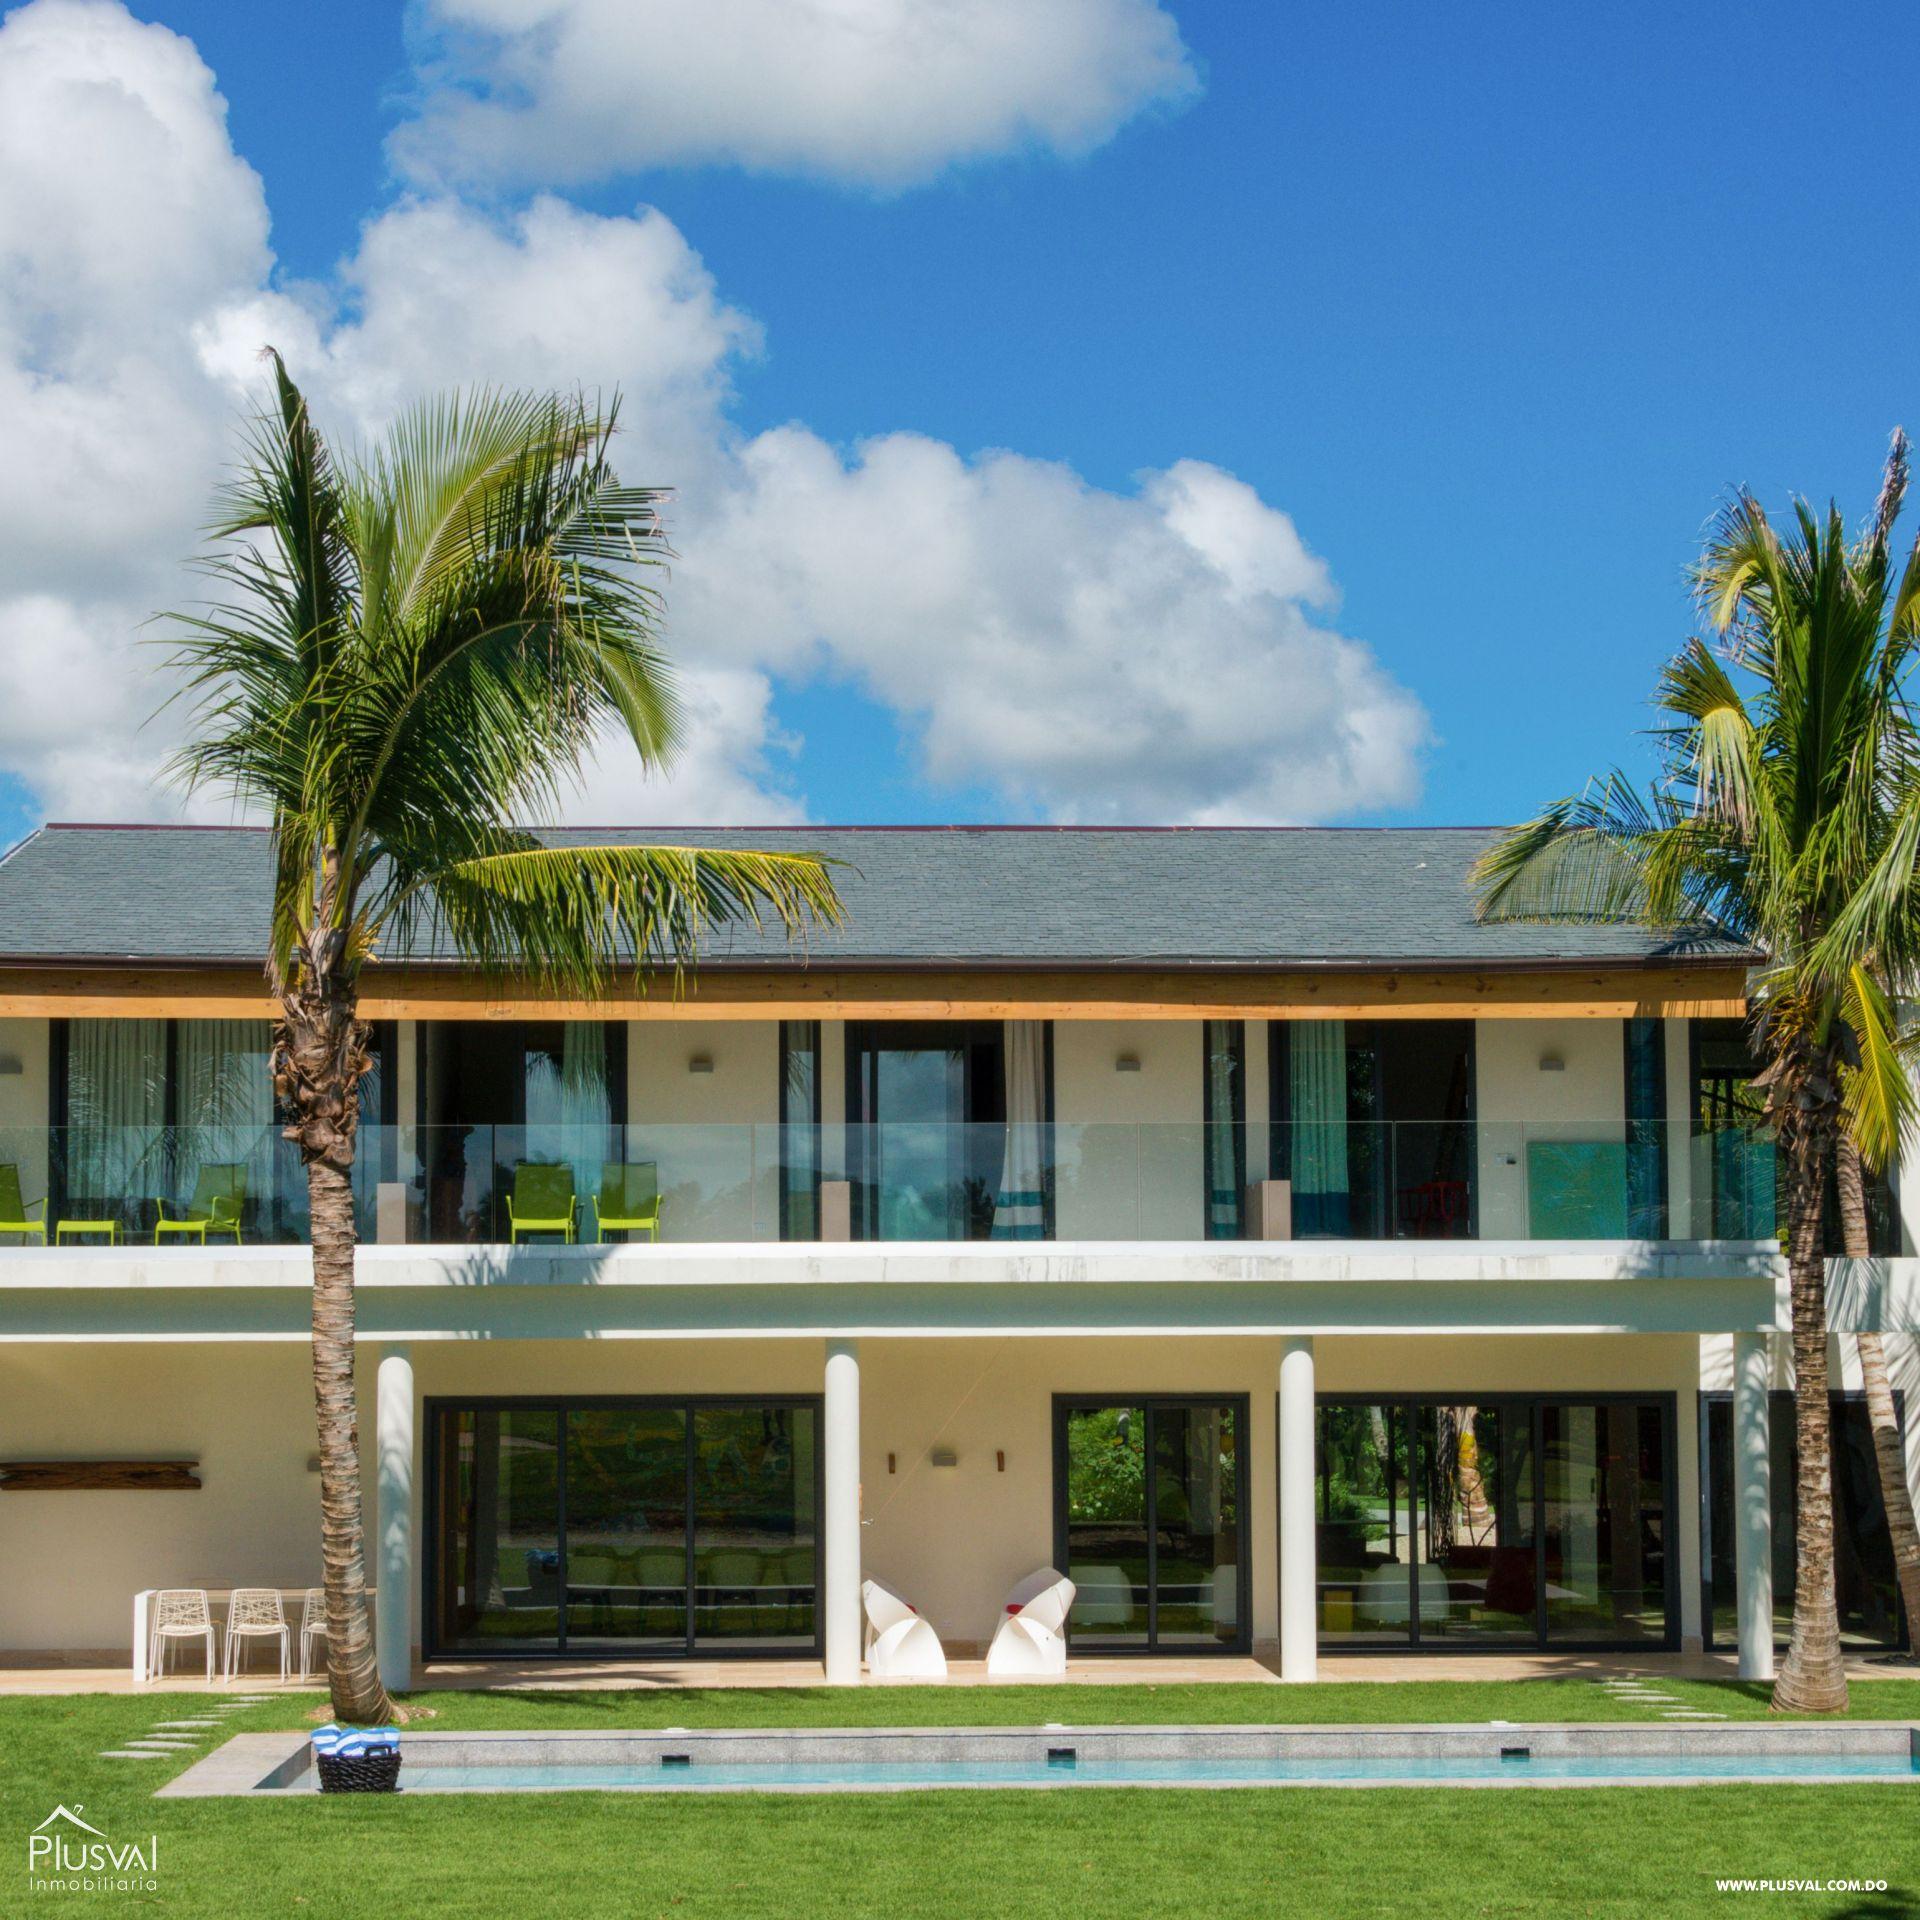 Villa Arrecife 64, Puntacana Resort 144189